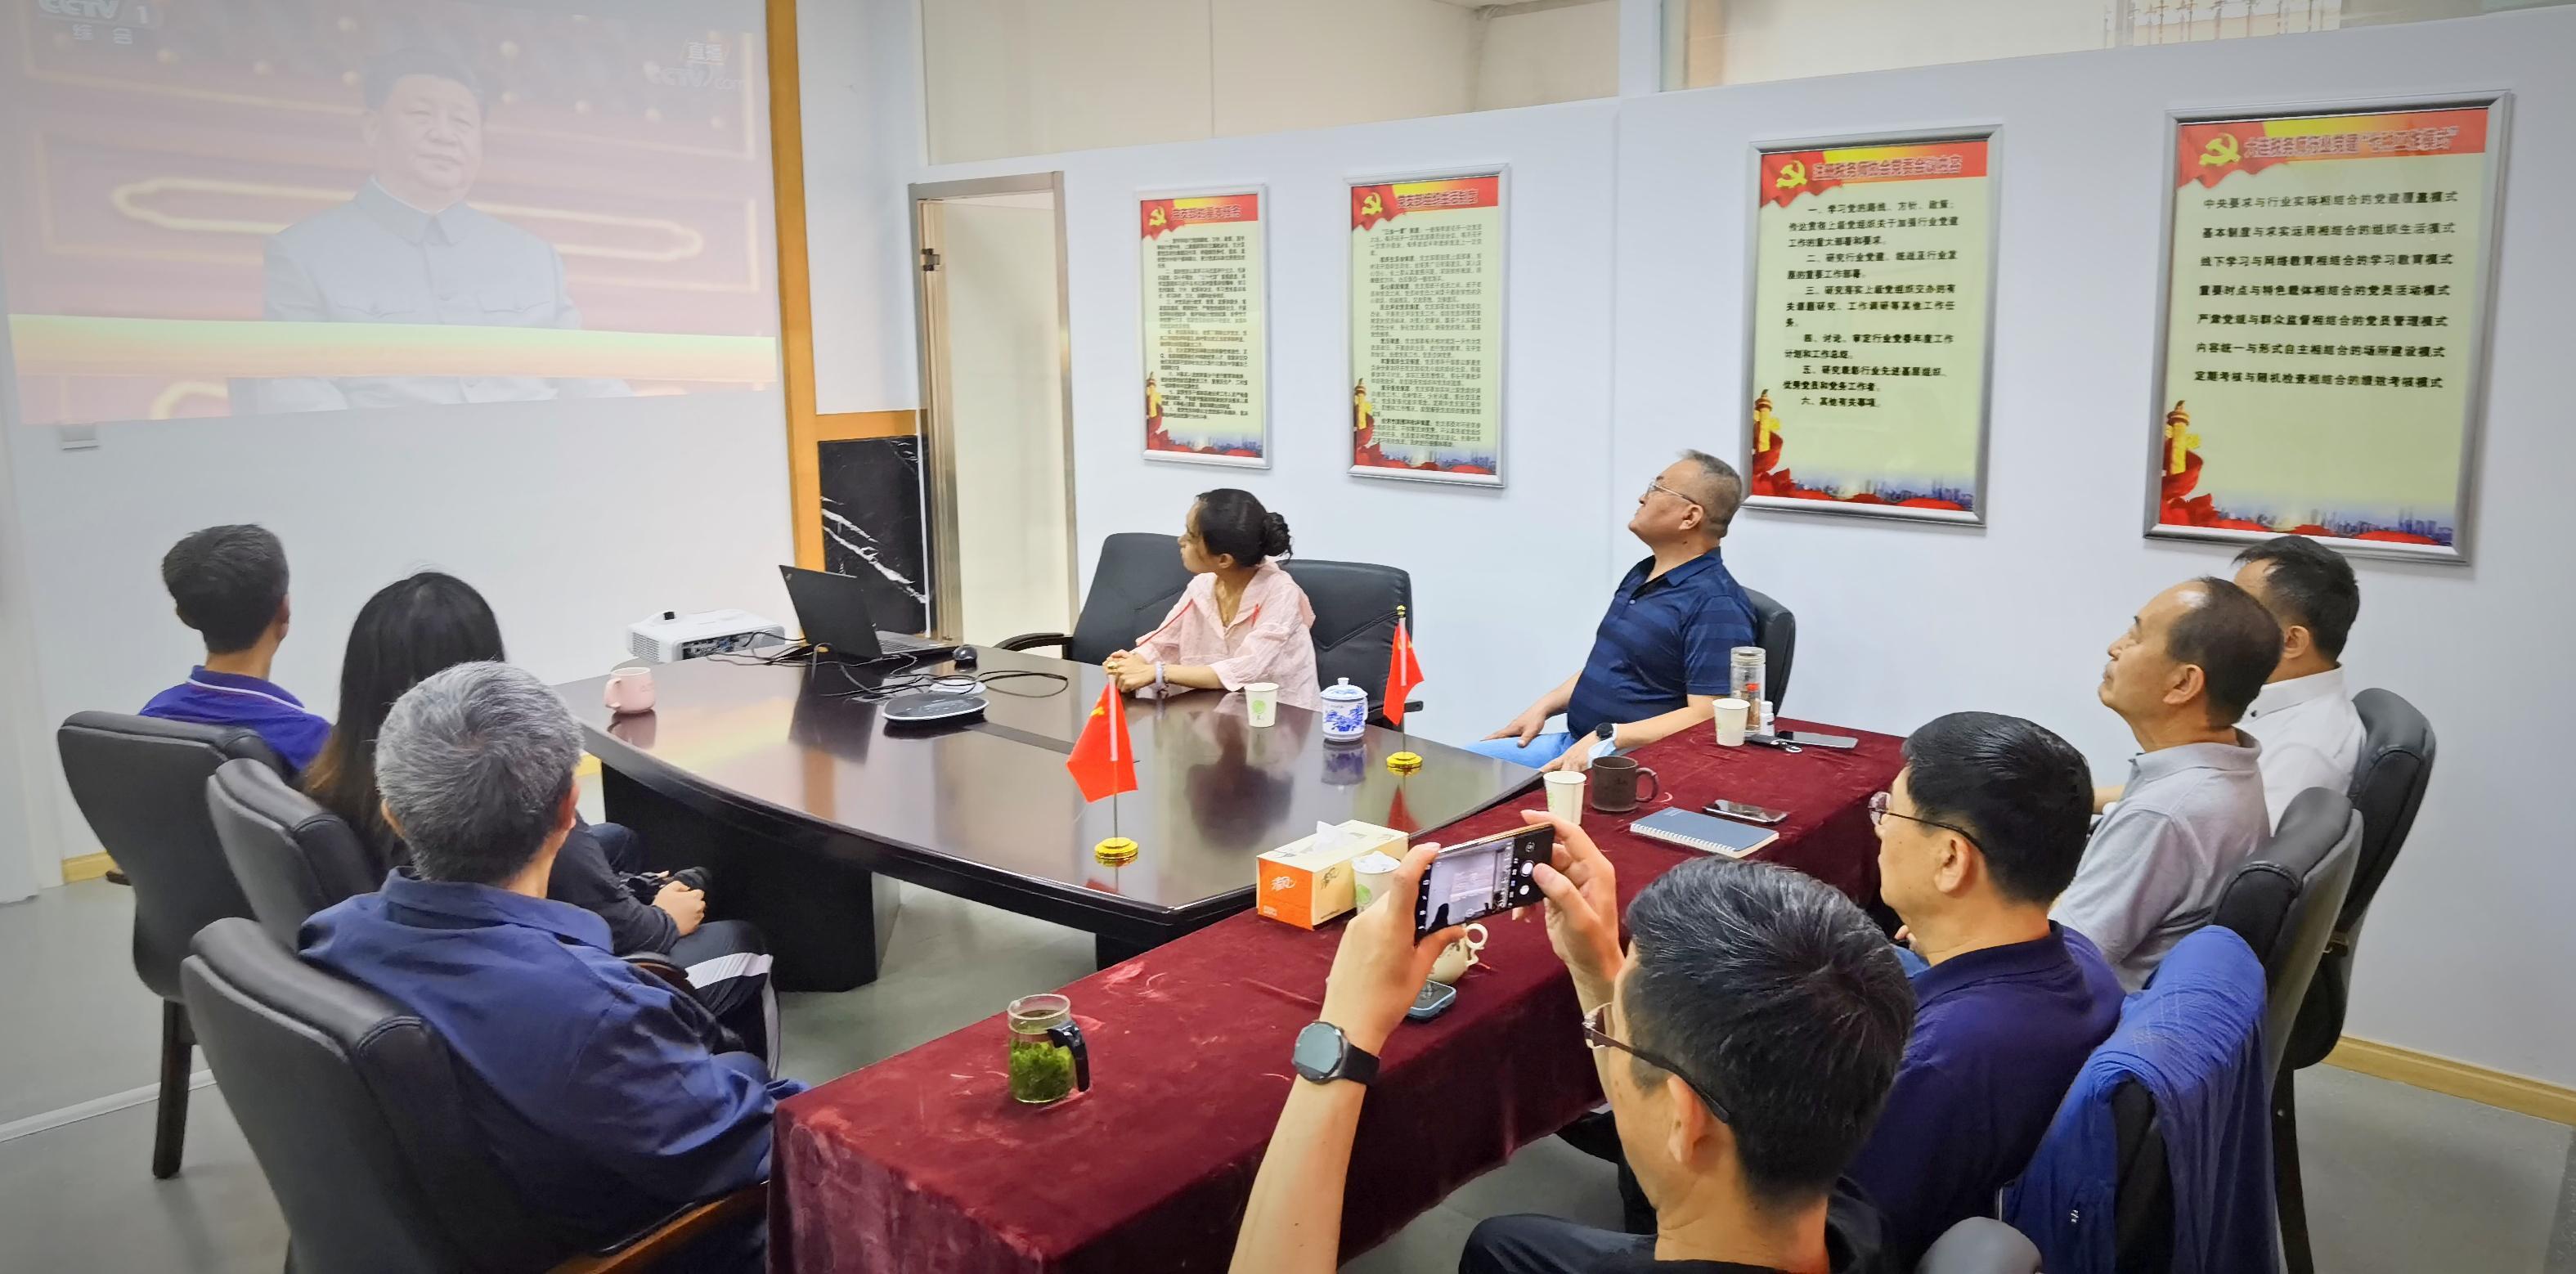 大连税协秘书处党支部组织观看建党100周年直播